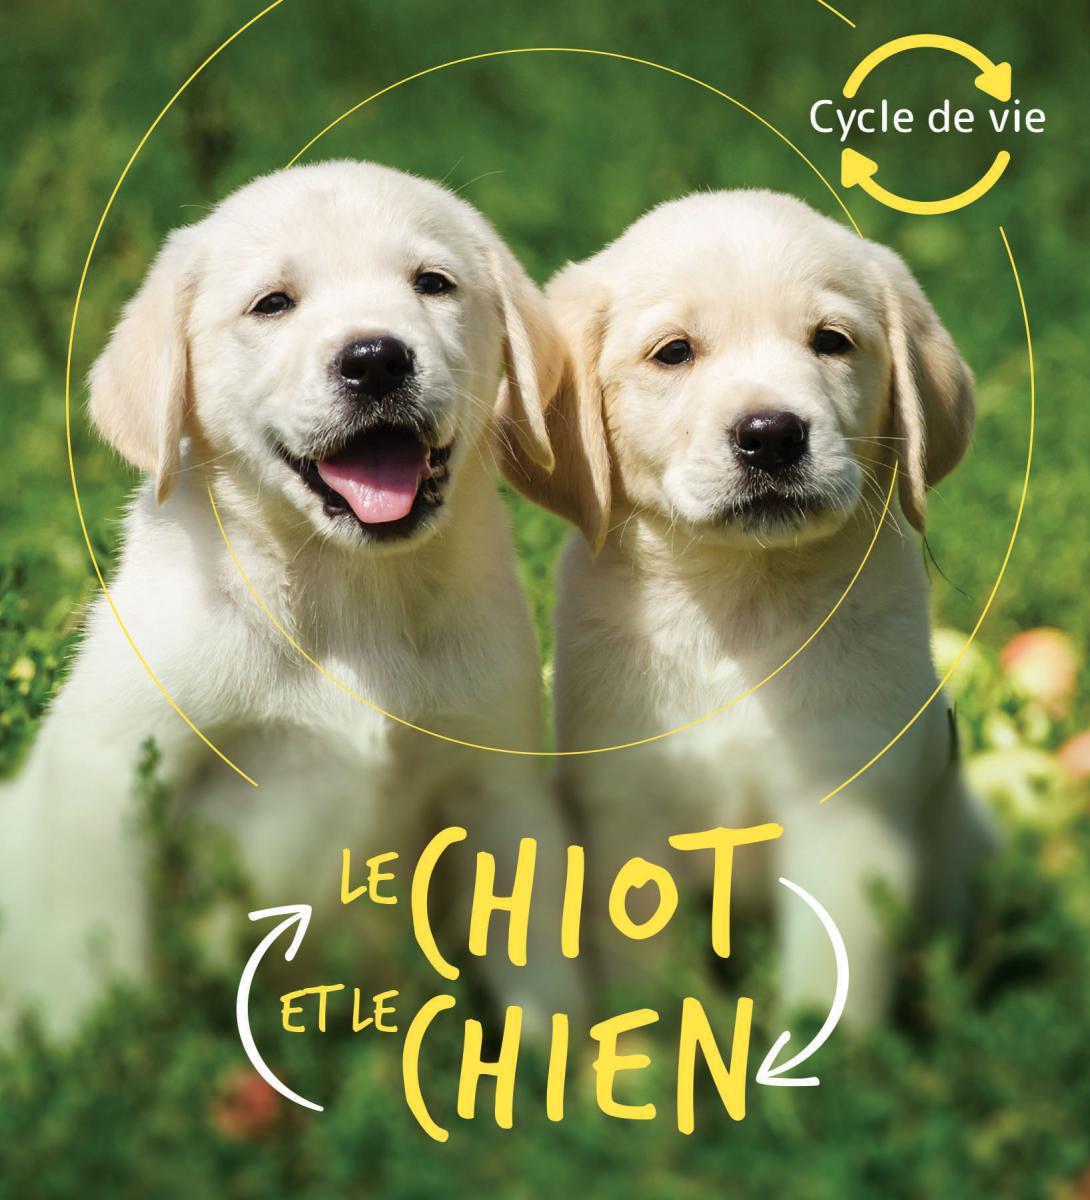 Cycle de vie : Le chiot et le chien